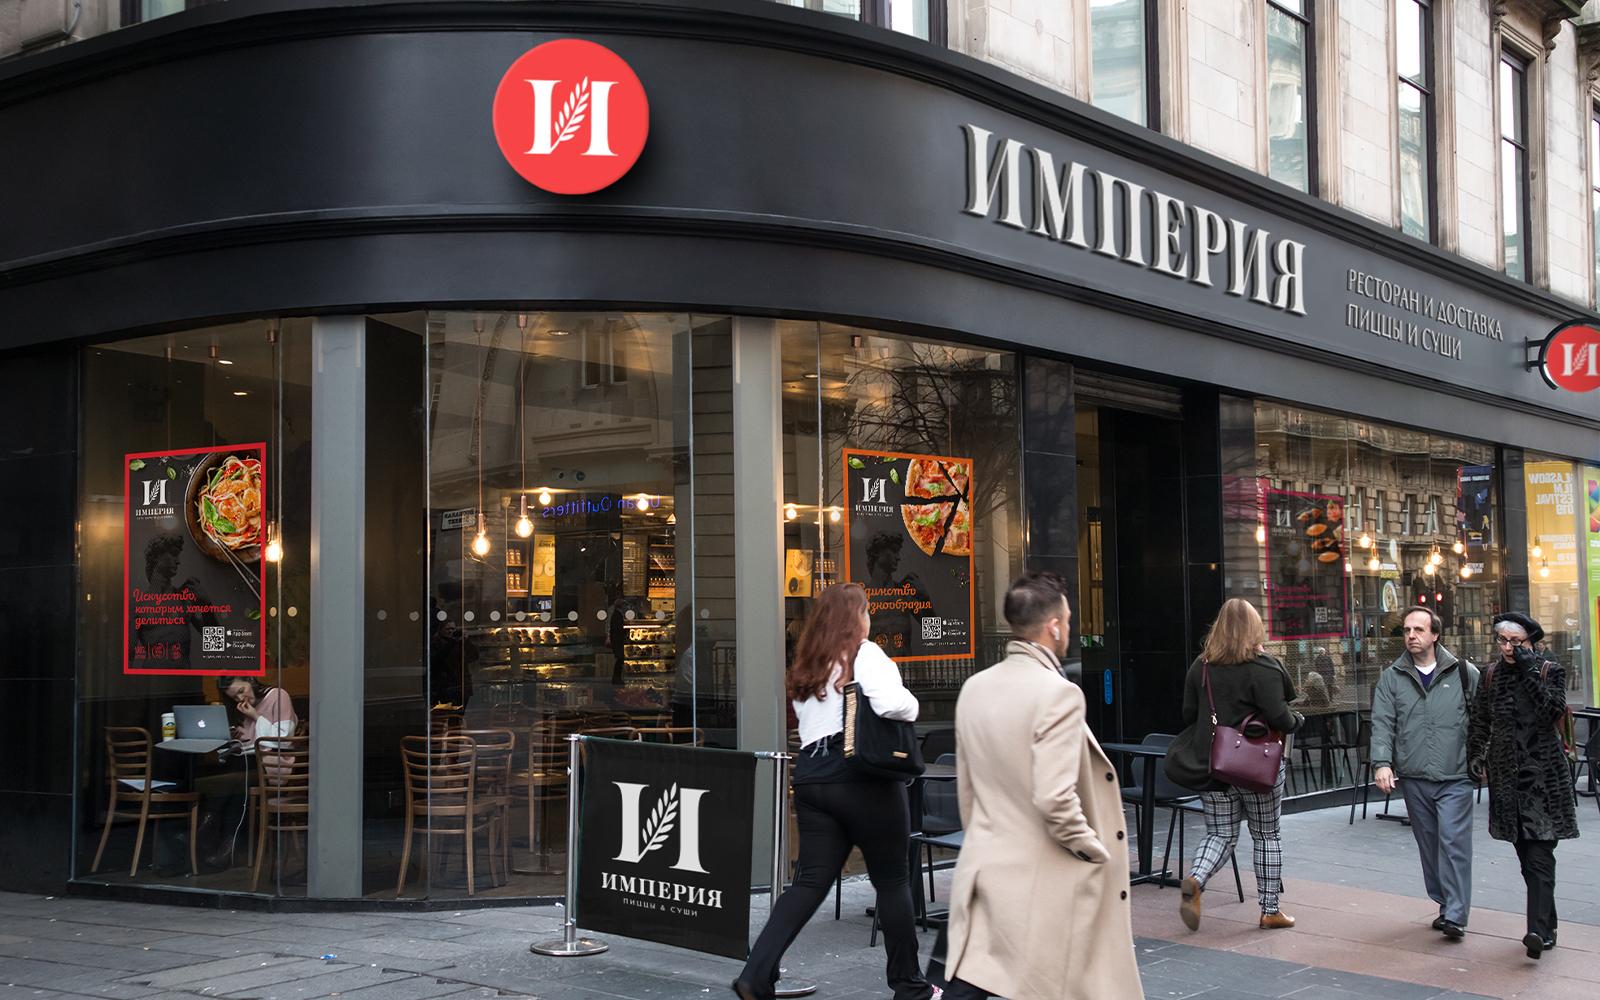 Разработка позиционирования бренда кафе и доставки «Империя», объединяющего людей с хорошим вкусом и эволюционирующего в центр гастрономической и культурной жизни мегаполиса.